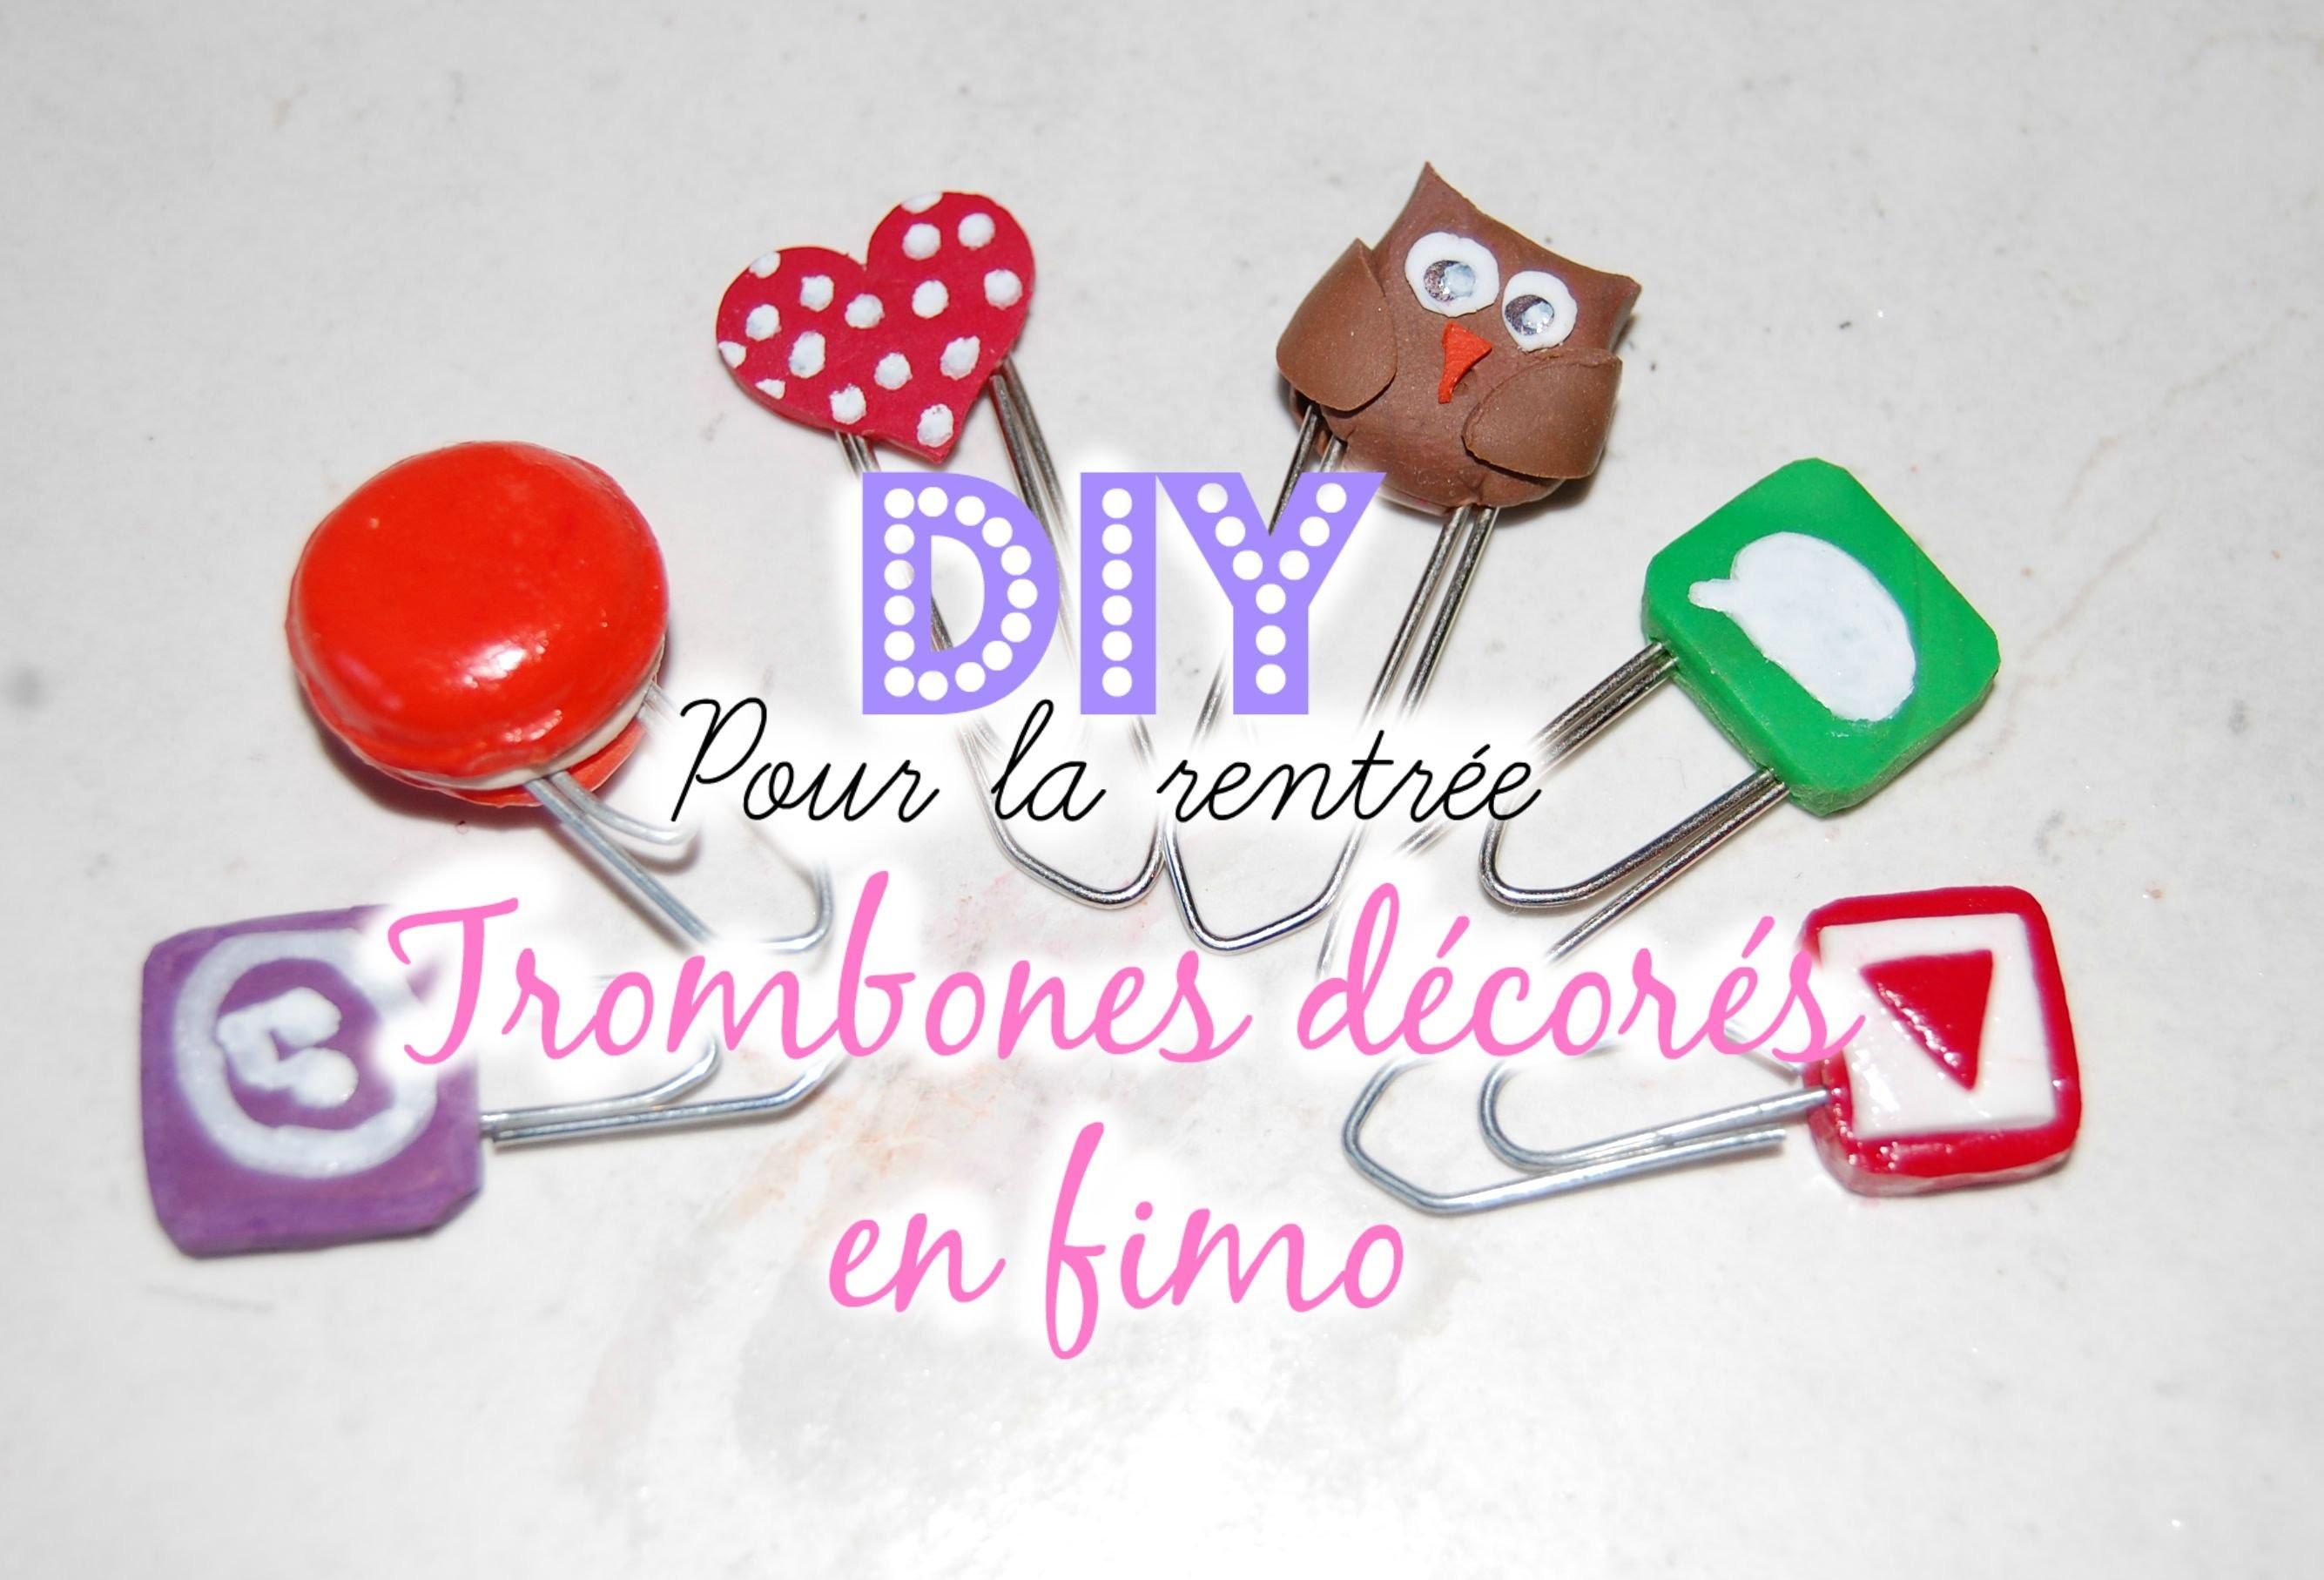 [ Tutoriel N°5 ] :  DIY rentrée 2015 - Trombone décorés en fimo (hibou, coeur, macaron, logo)